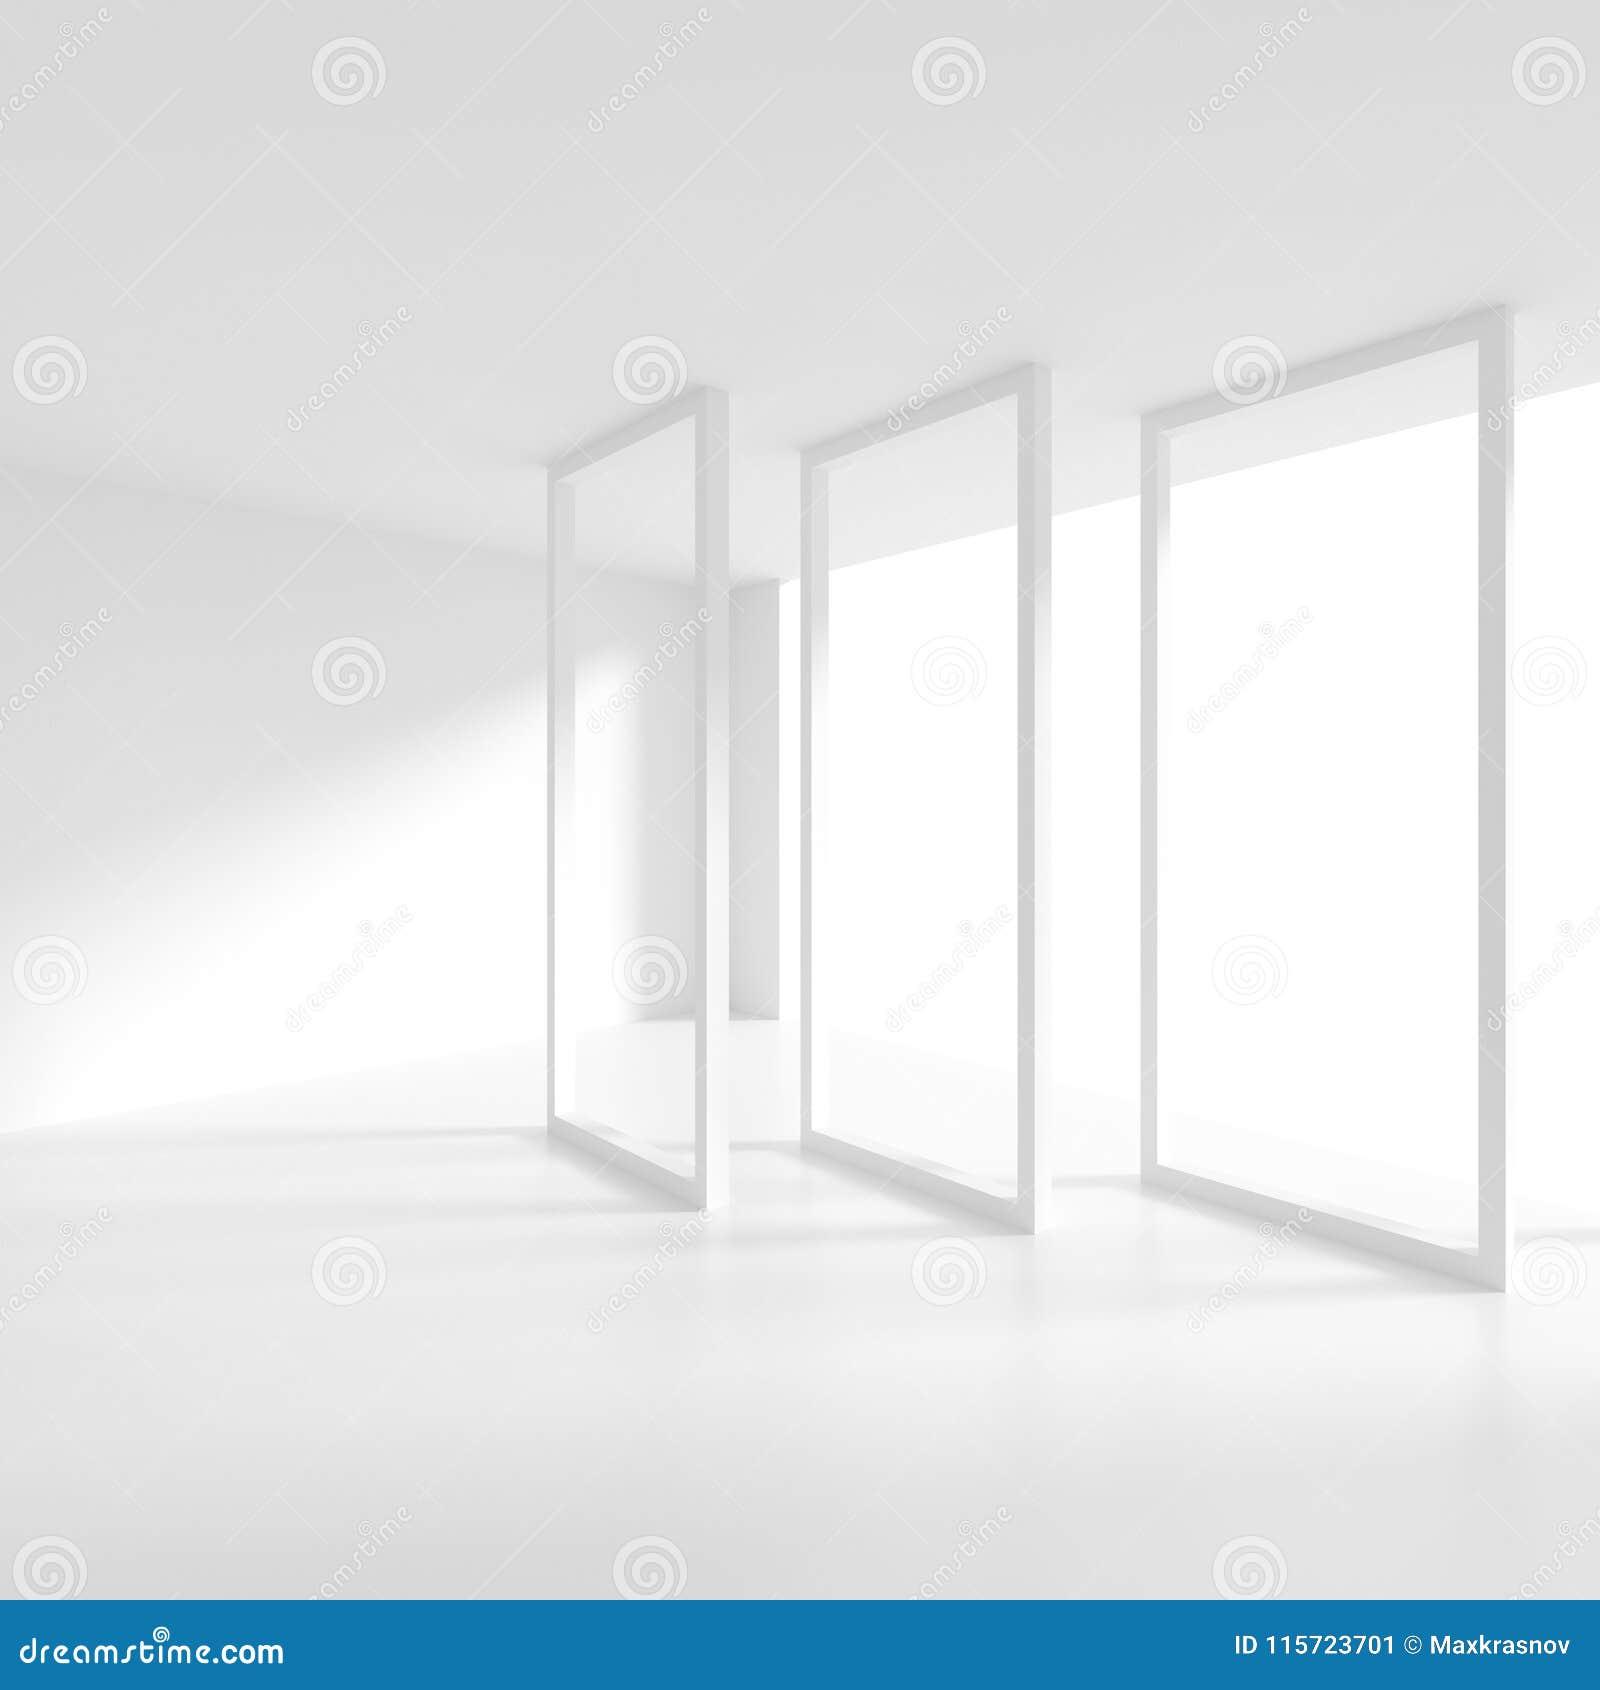 Disegno interno moderno stanza vuota illustrazioni for Disegno stanza